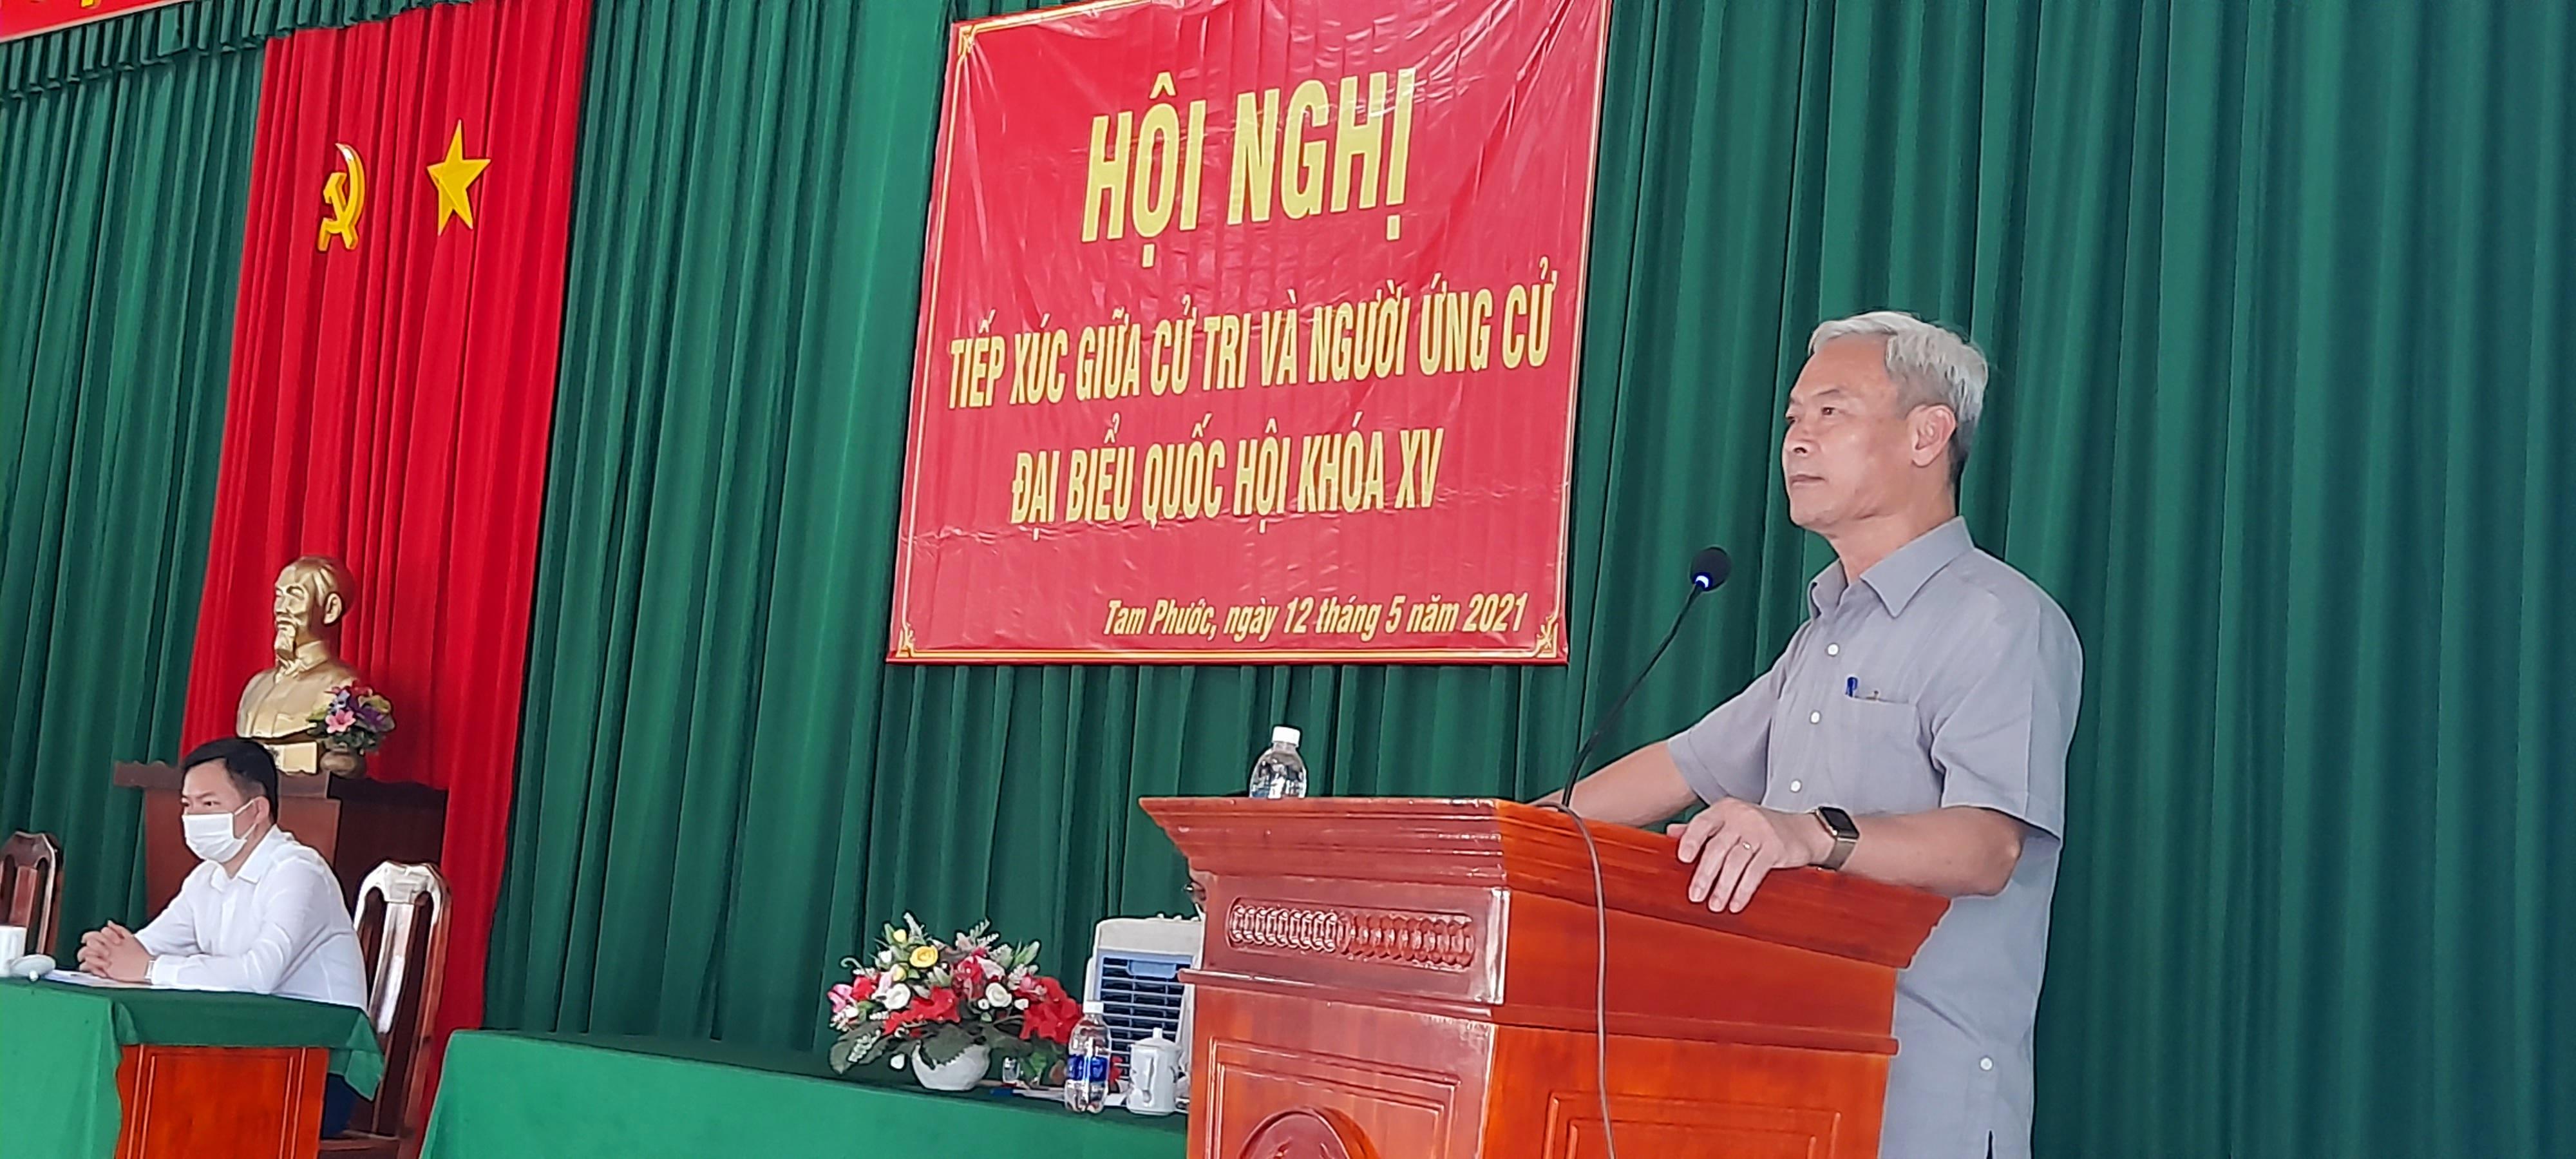 Những người ứng cử viên ĐBQH đơn vị số 1 tiếp xúc cử tri tại thành phố Biên Hòa